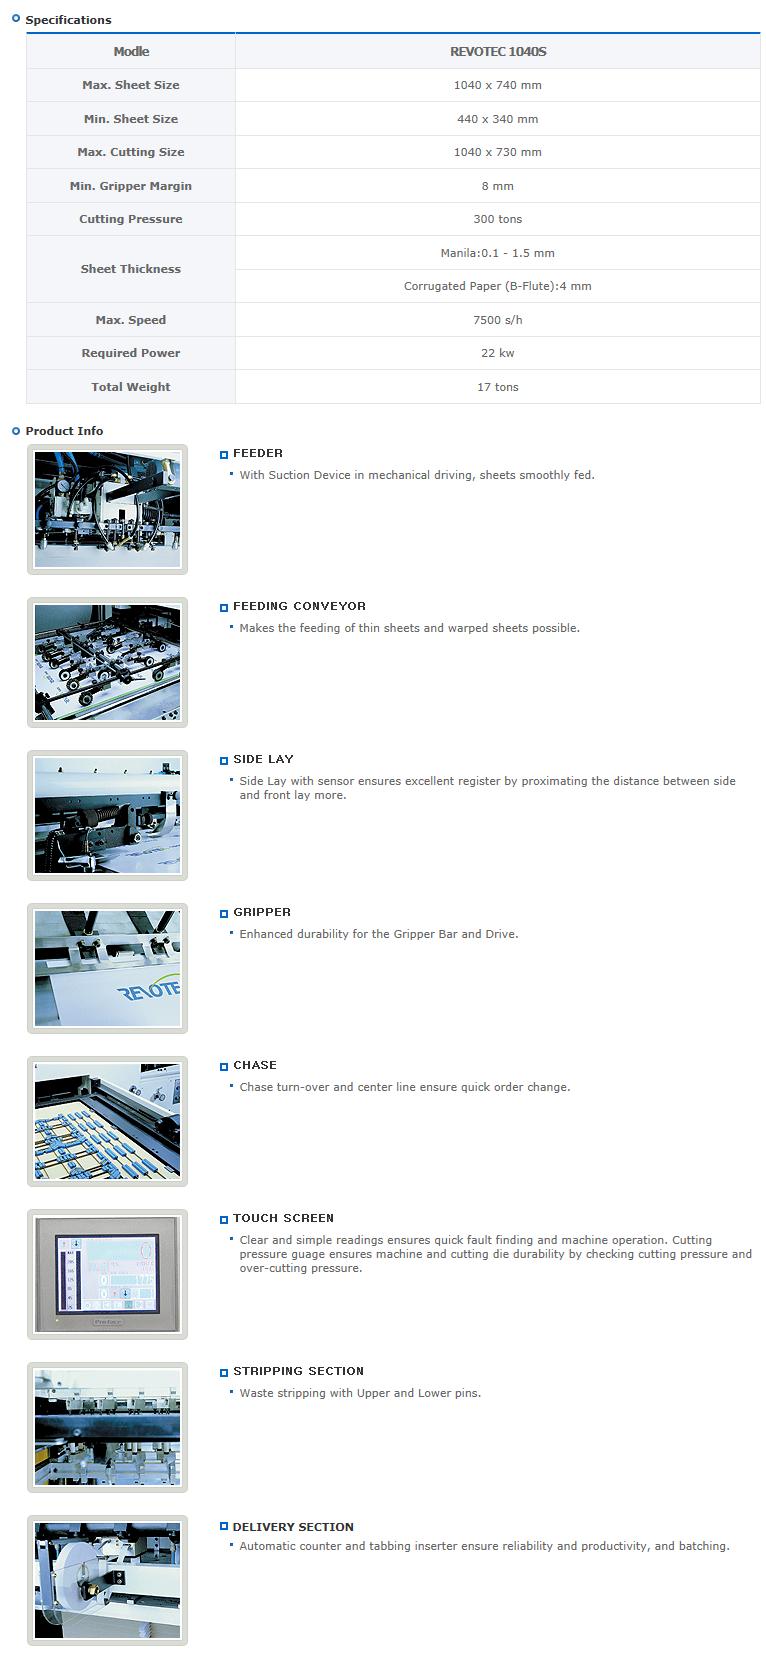 Yougnshin Machinery  REVOTEC 1040S